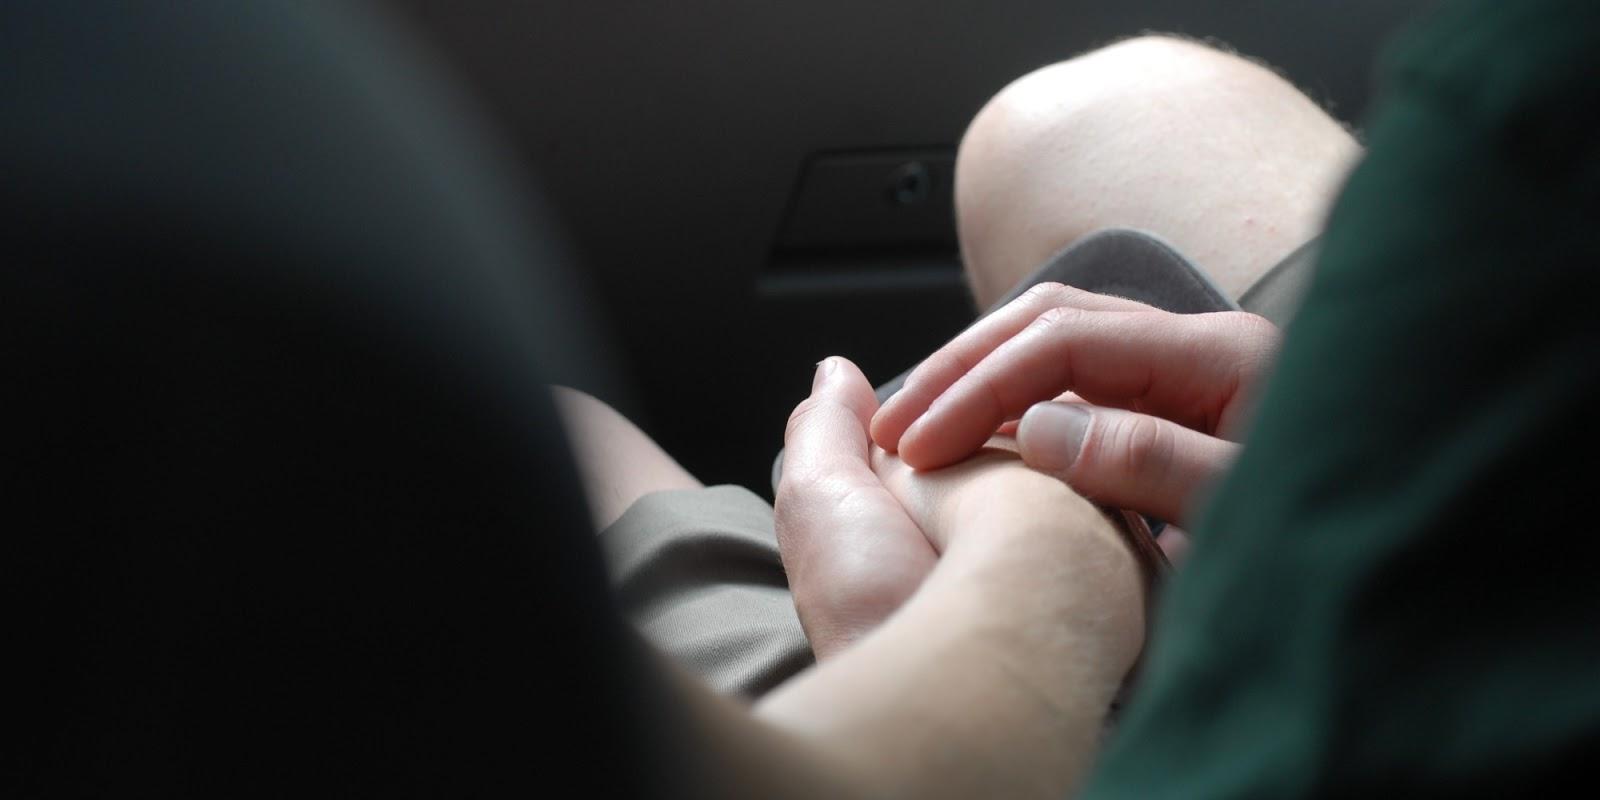 Hình ảnh cặp đôi nắm tay yêu nhau